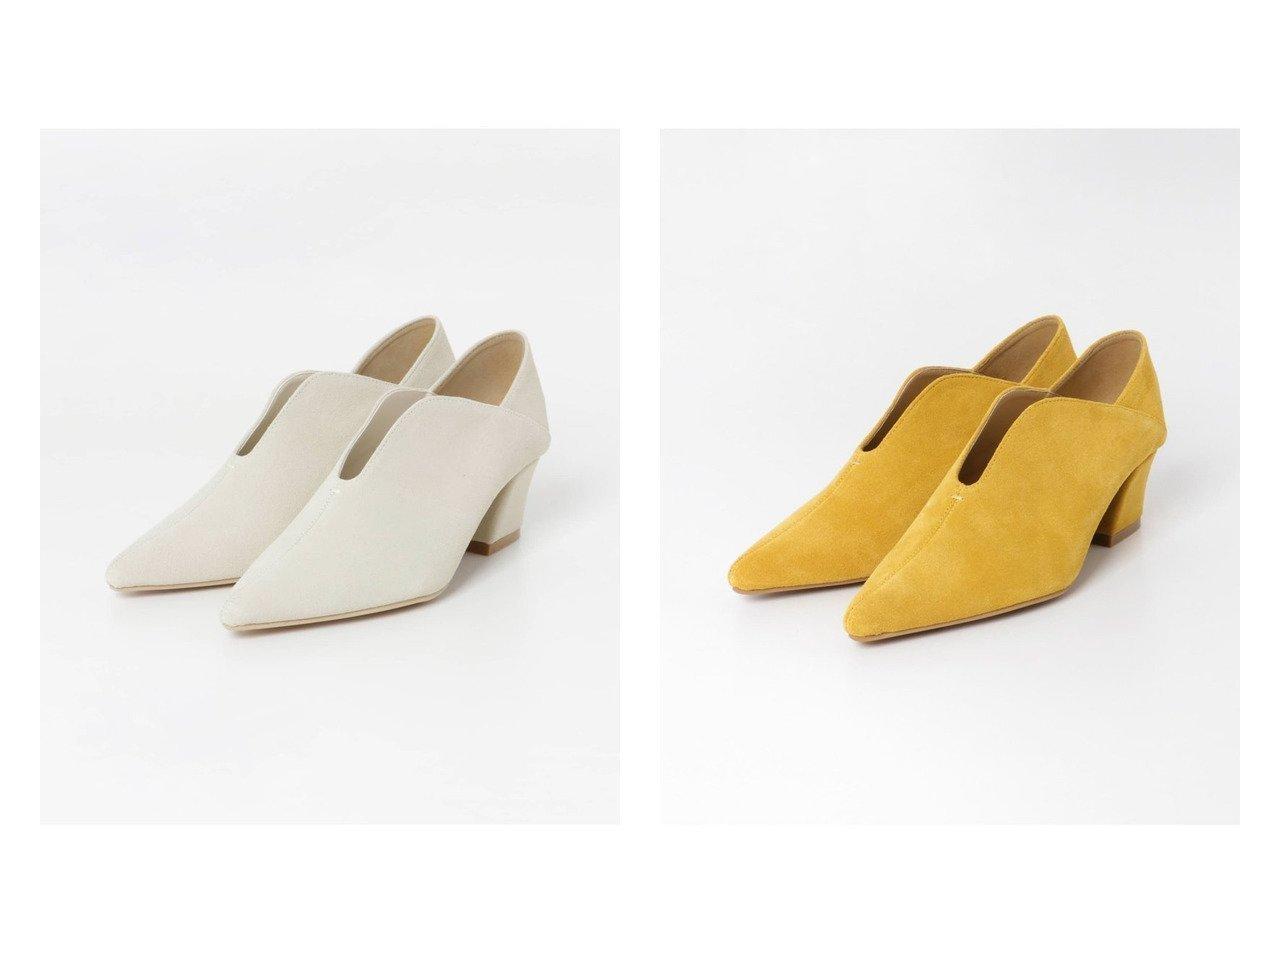 【KBF / URBAN RESEARCH/ケービーエフ】のポインテッドトゥスエードブーティ シューズ・靴のおすすめ!人気、トレンド・レディースファッションの通販 おすすめで人気の流行・トレンド、ファッションの通販商品 メンズファッション・キッズファッション・インテリア・家具・レディースファッション・服の通販 founy(ファニー) https://founy.com/ ファッション Fashion レディースファッション WOMEN NEW・新作・新着・新入荷 New Arrivals シューズ ショート フェミニン ブーティ |ID:crp329100000011796